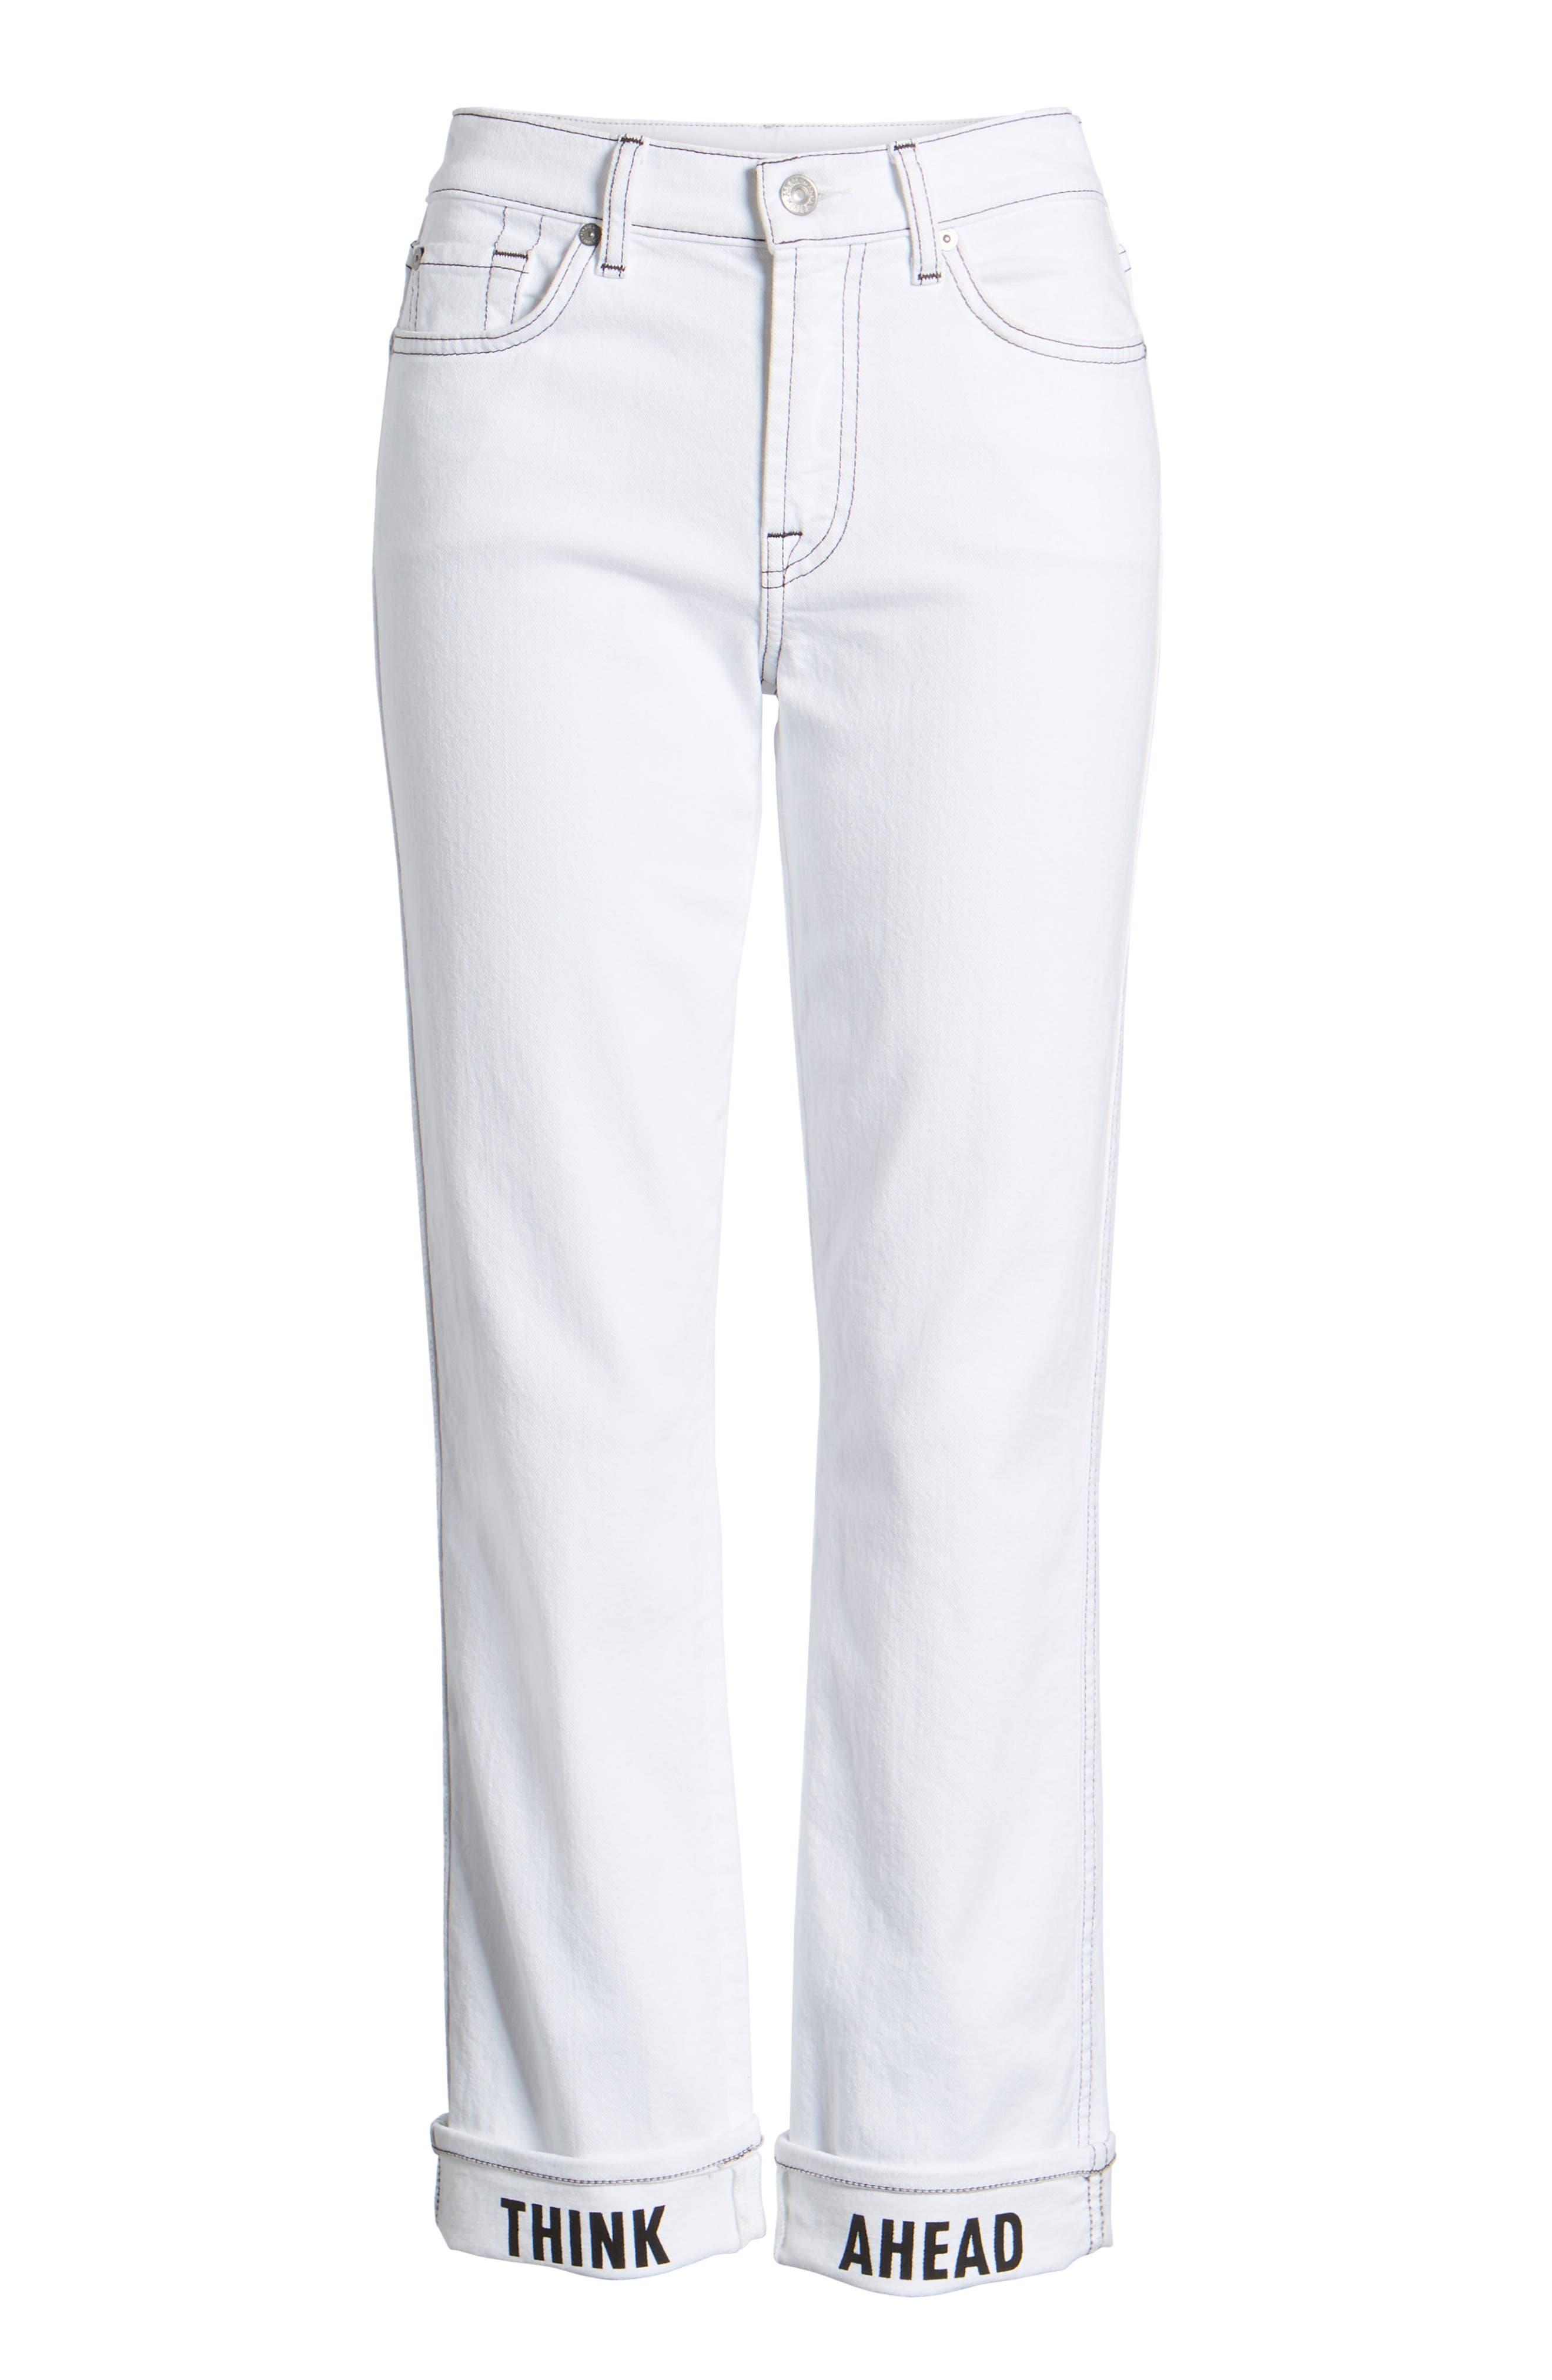 Dylan Print Cuff Straight Leg Jeans,                             Alternate thumbnail 7, color,                             White Fashion W/ Black Print